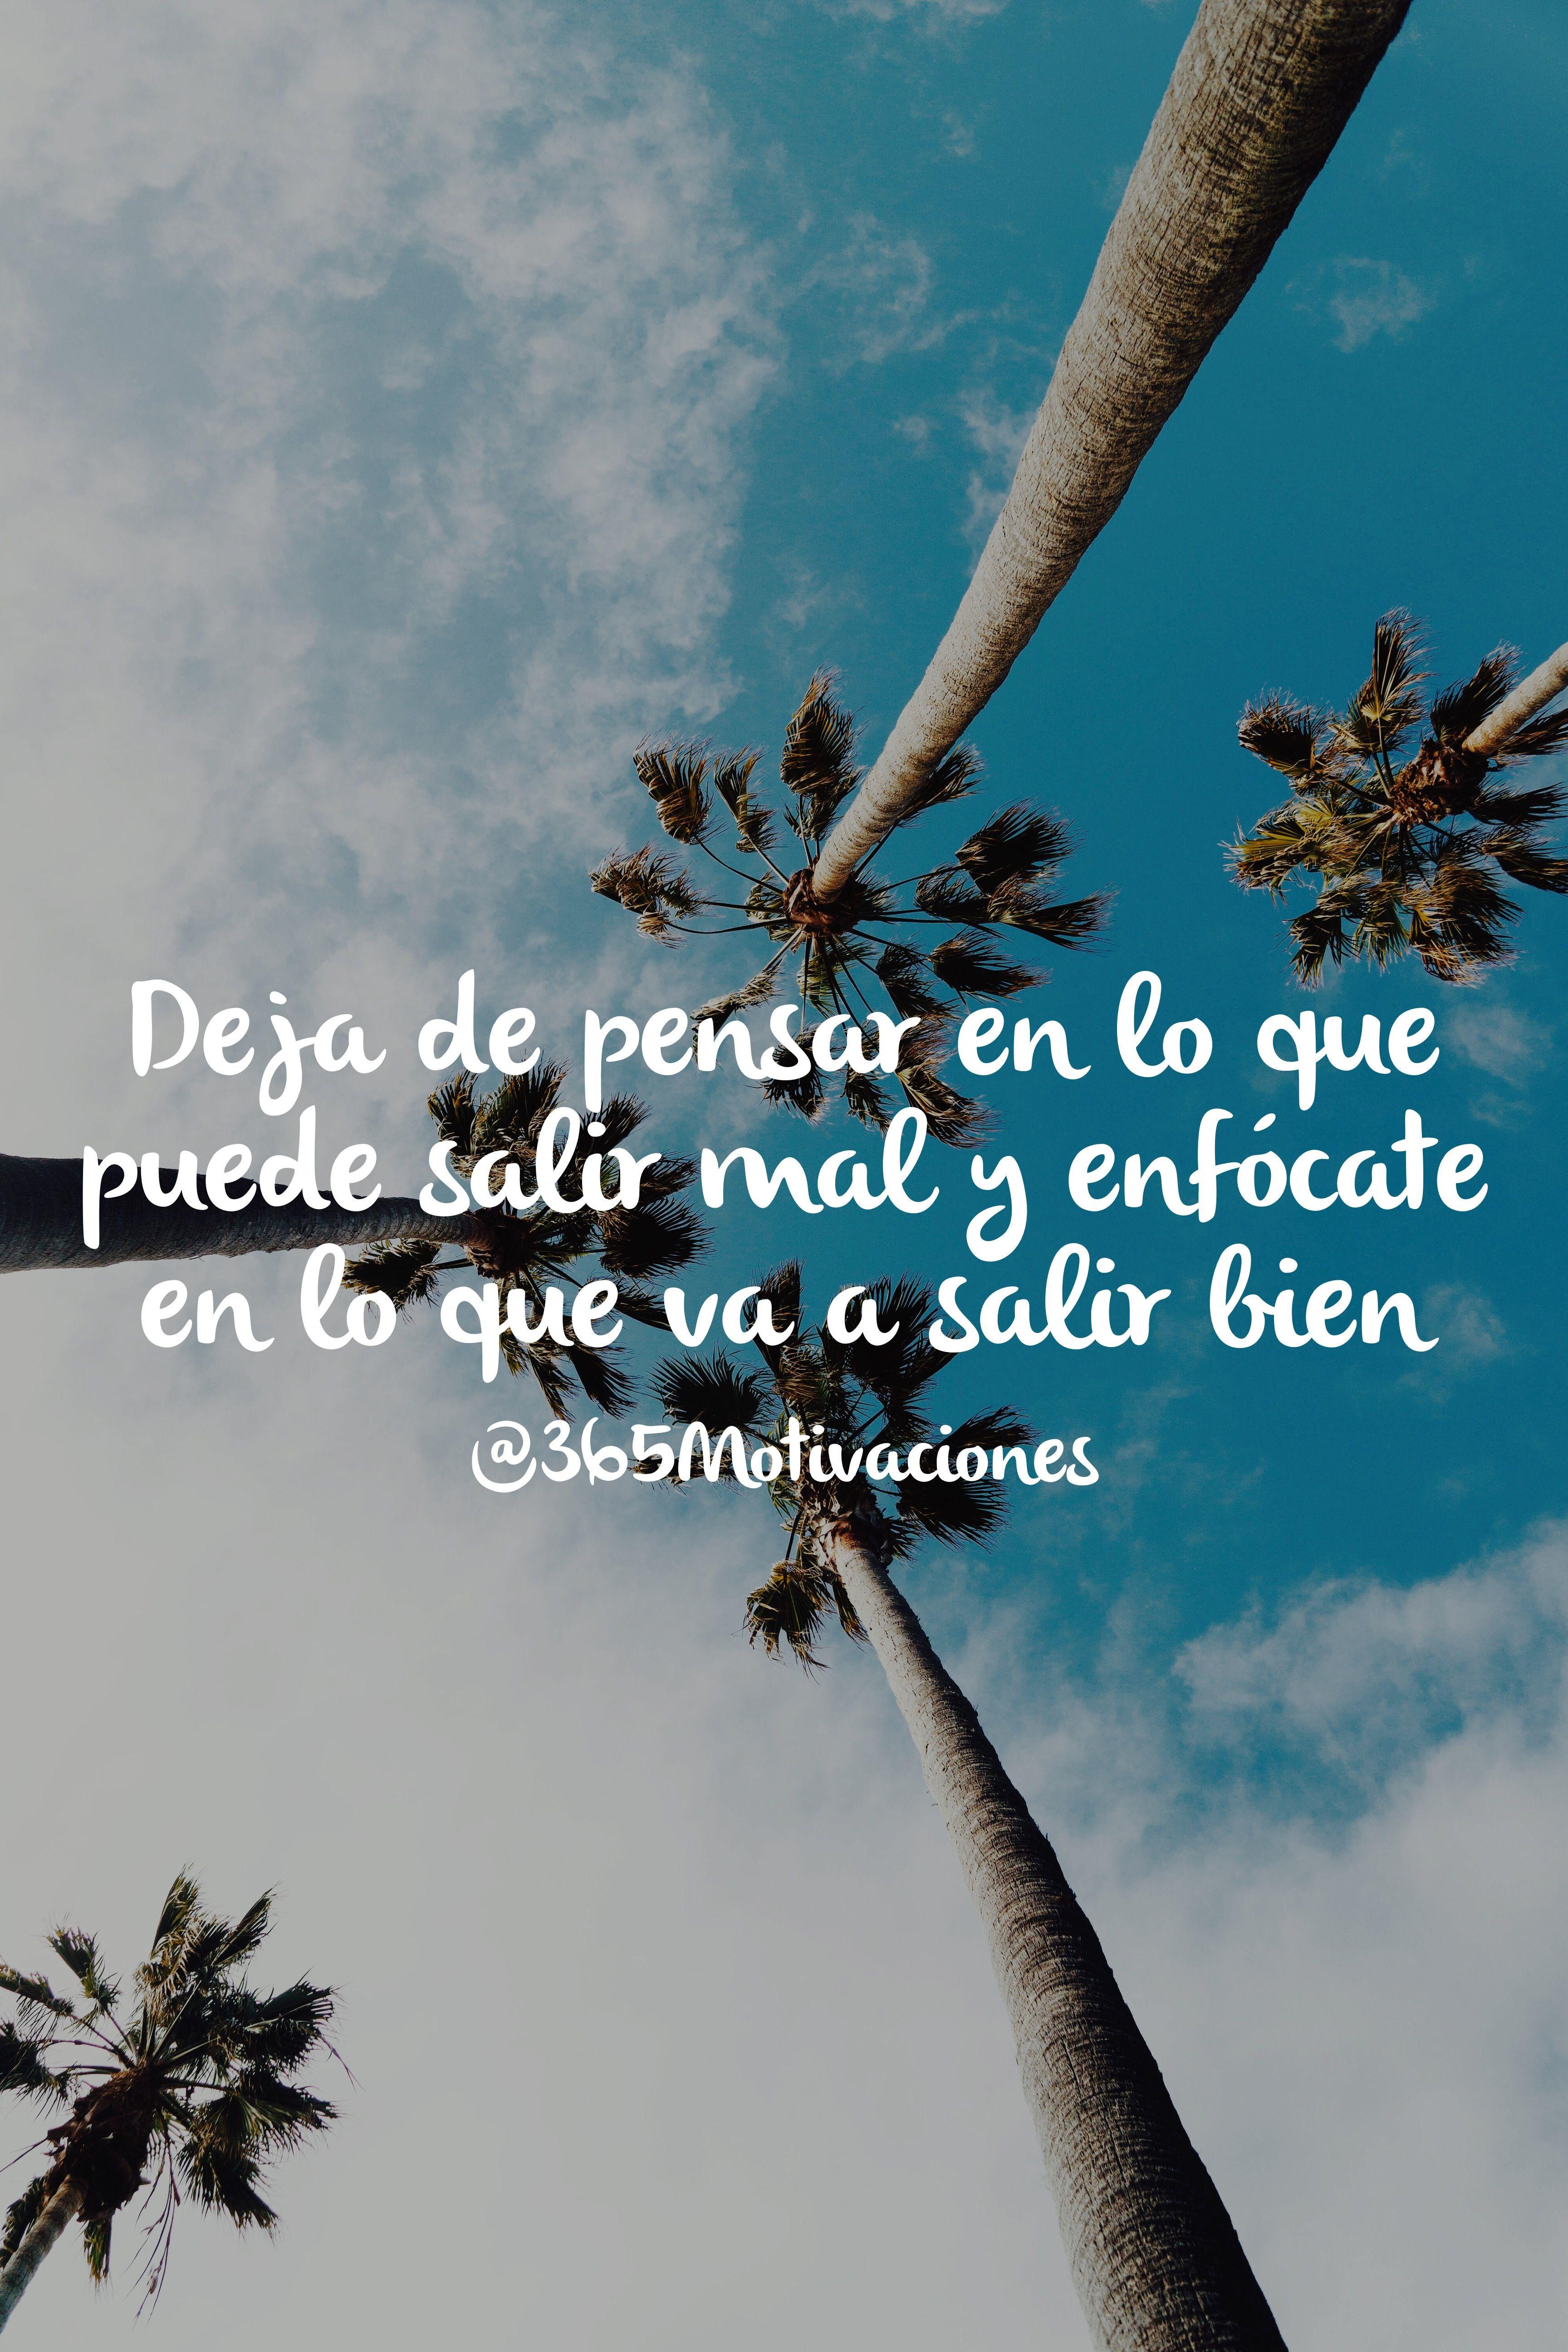 Ánimo, no pierdas la paciencia. Tarde o temprano llegará tu momento #365motivaciones #pensar #bien #mal #paciencia #animo #tarde #temprano #momento